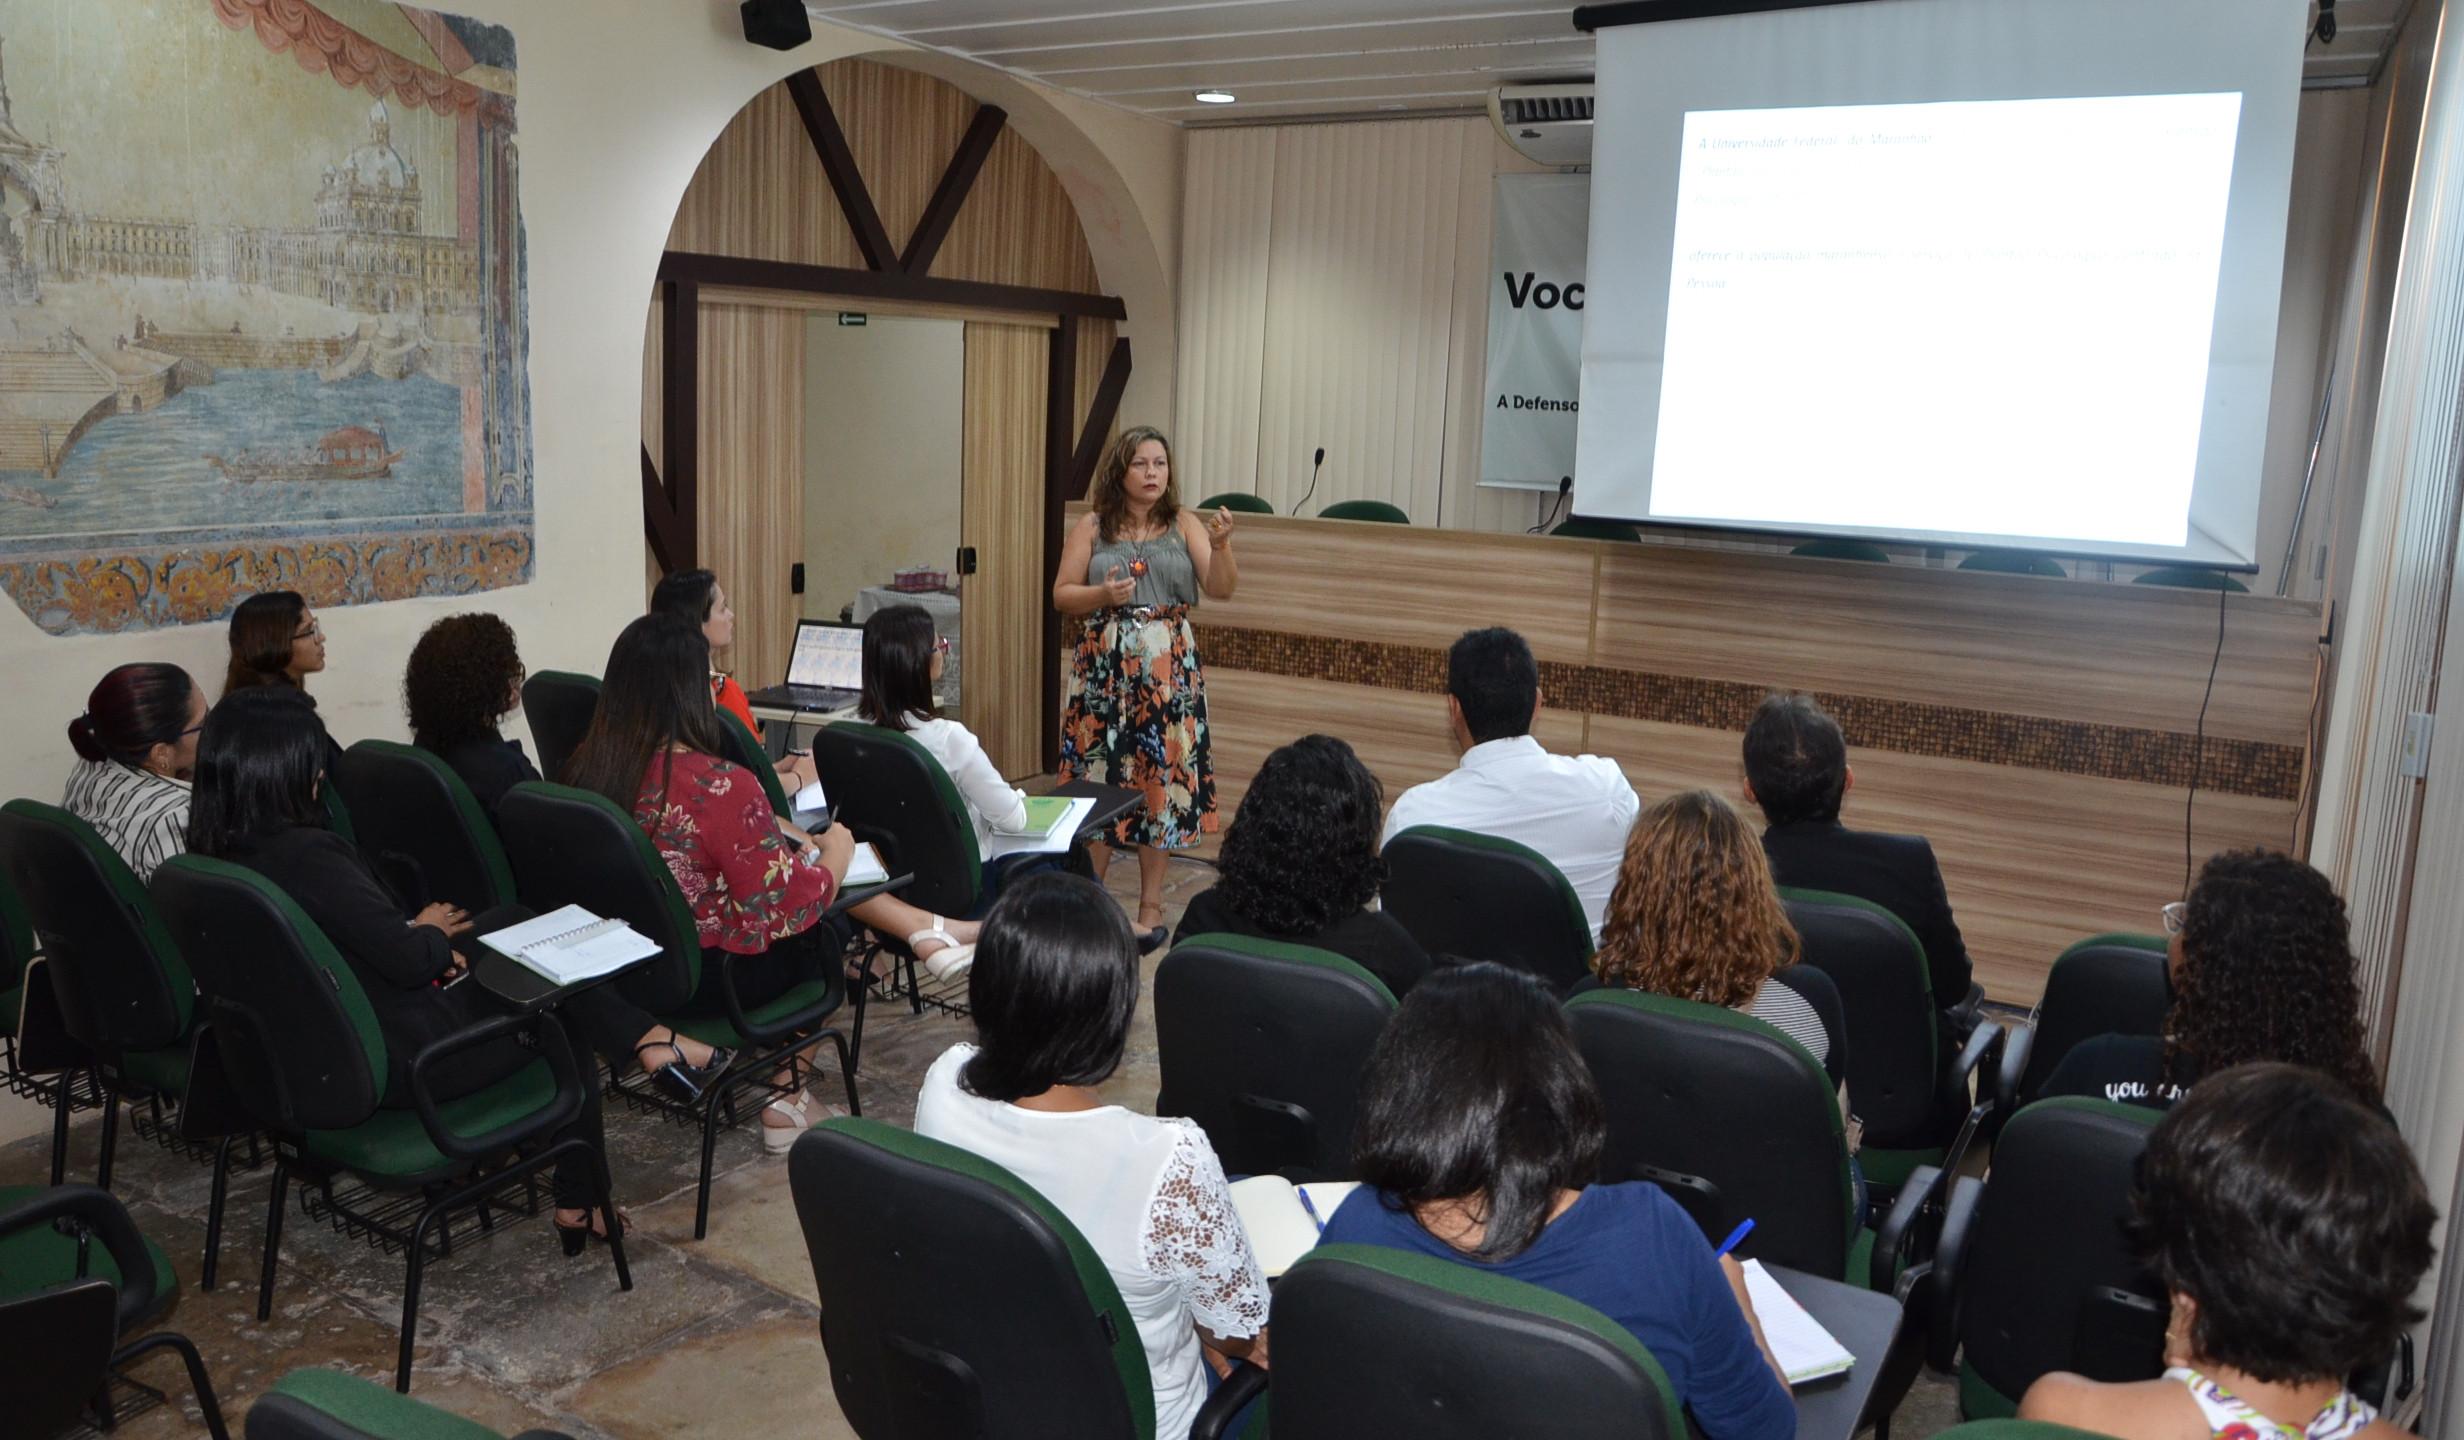 Representantes das três instituições se reúnem para tratar detalhes sobre a metodologia do atendimento